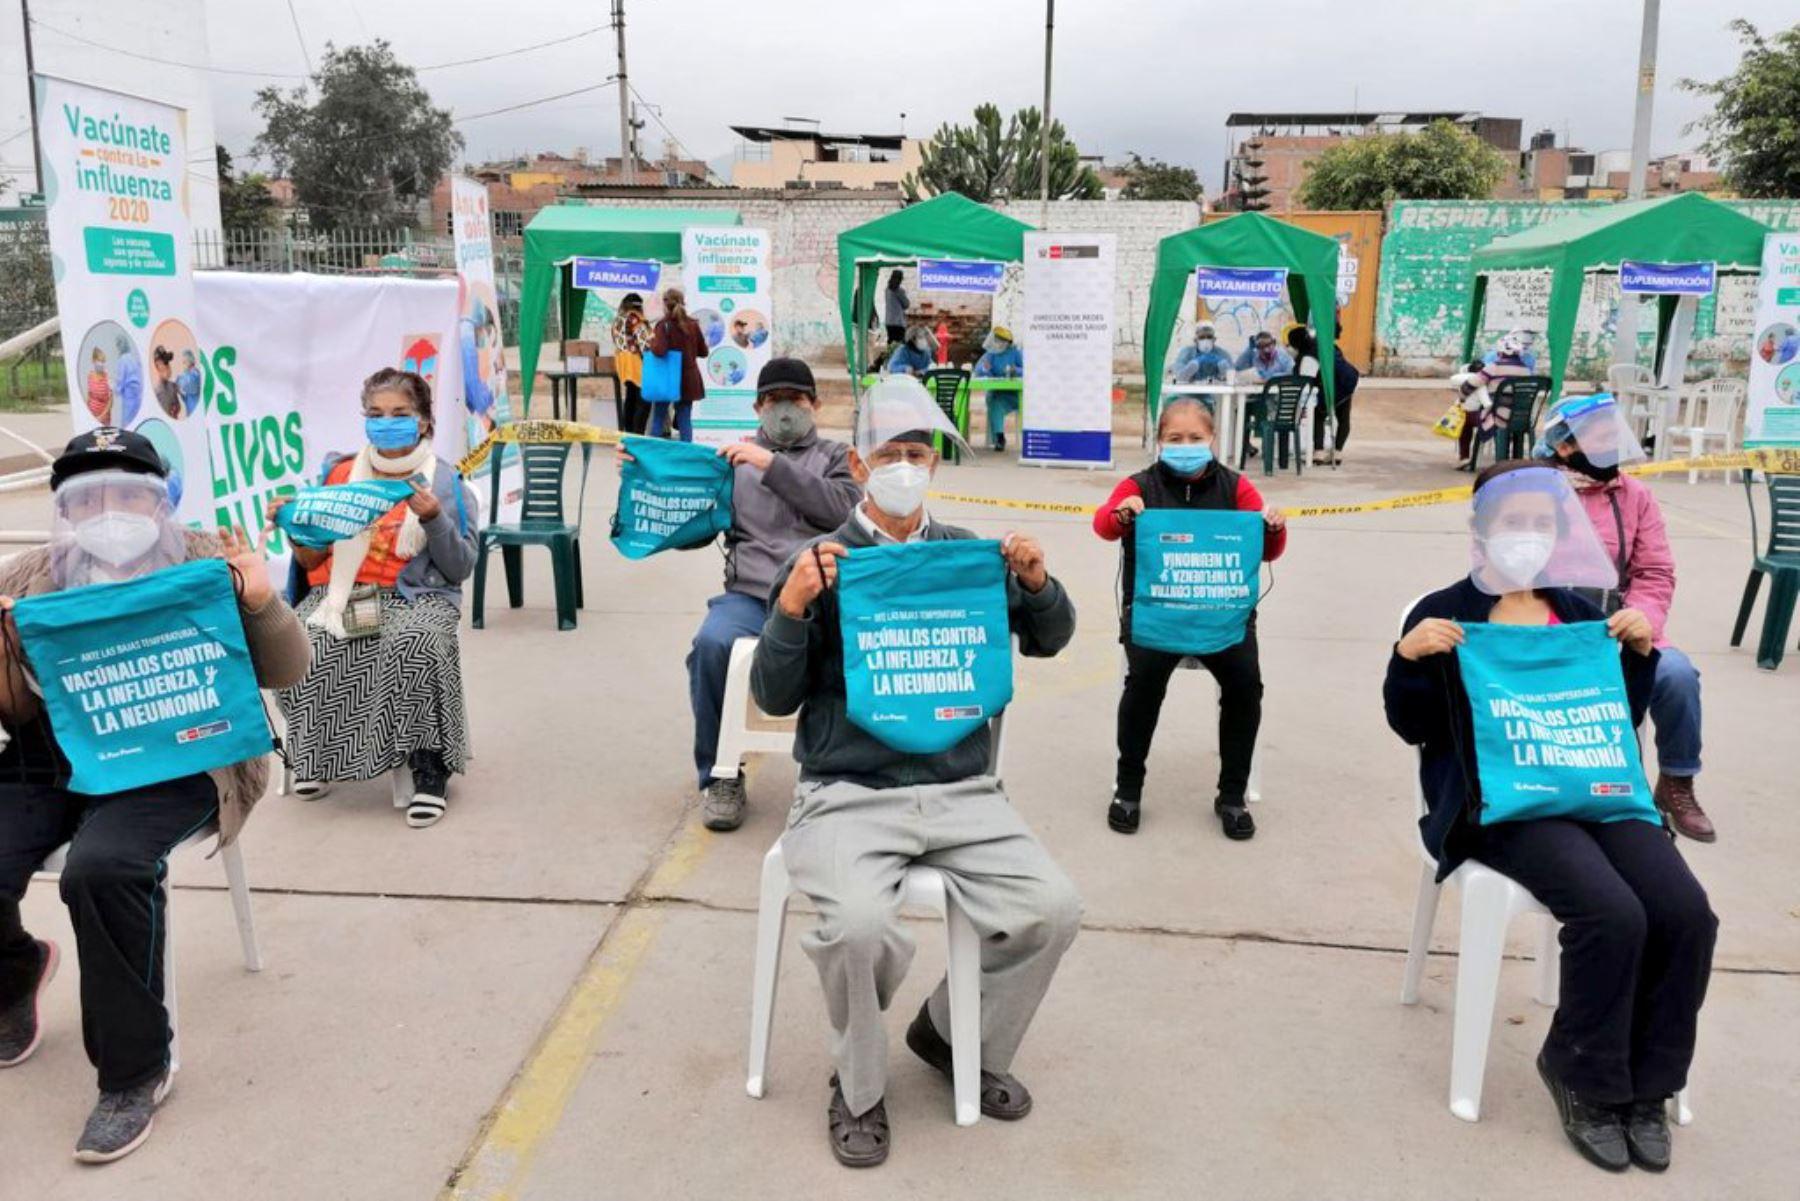 Equipos del Minsa brindan atención integral de salud a más de 300 niños, gestantes y adultos mayores de Los Olivos, priorizando el esquema regular de vacunación.  Foto: MINSA